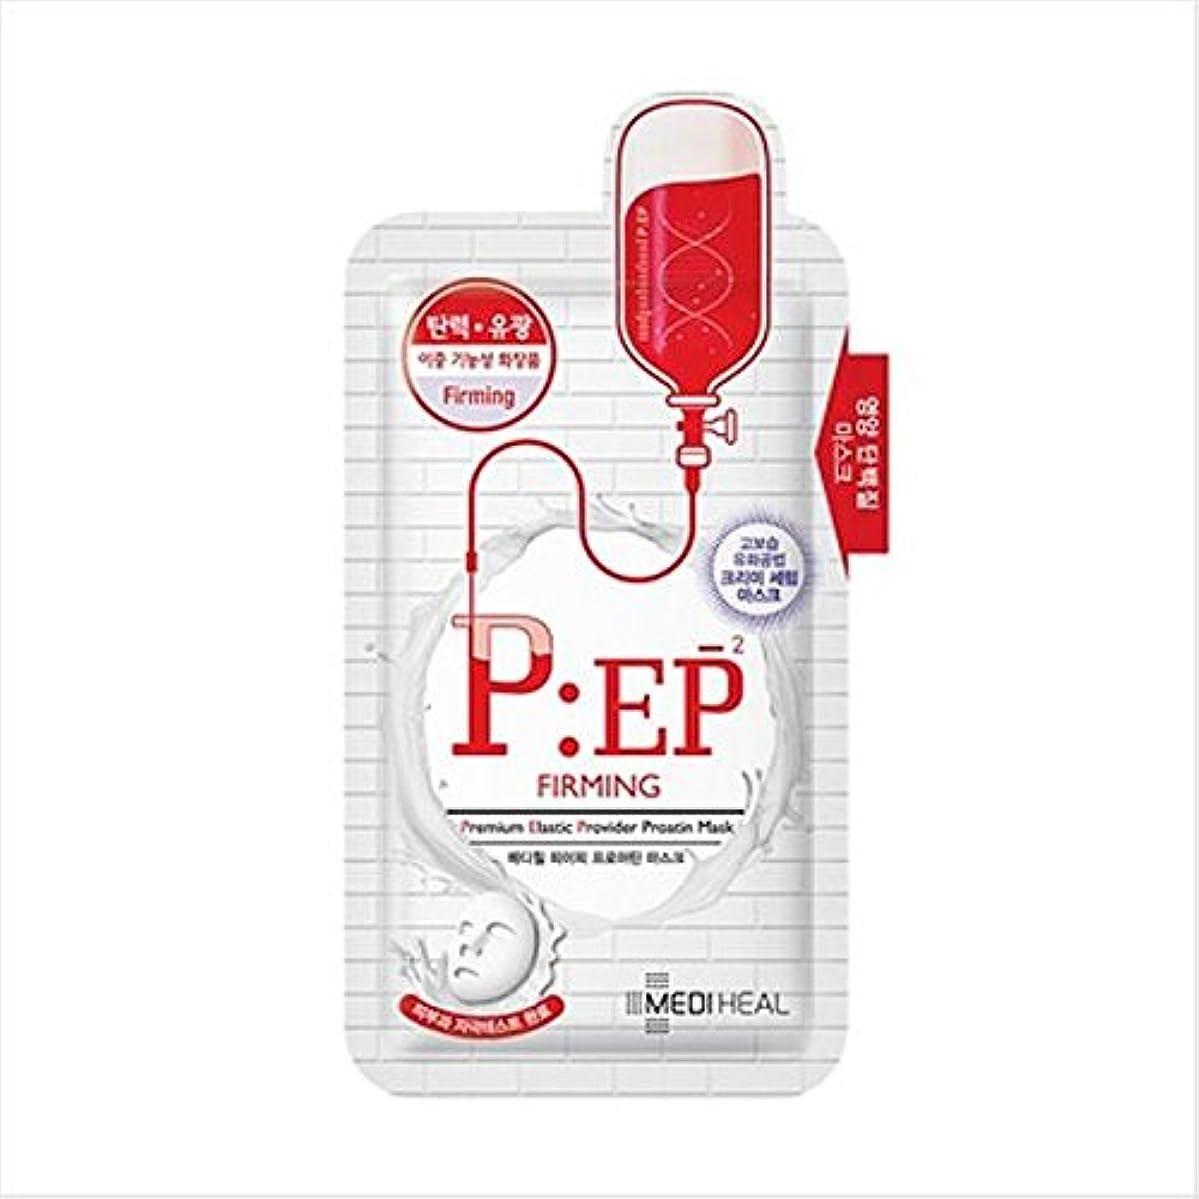 材料ブラウンくつろぎMediheal P.E.P メディエアファーミングプロテインマスク(アクアリング)25 g x 10枚[並行輸入品]